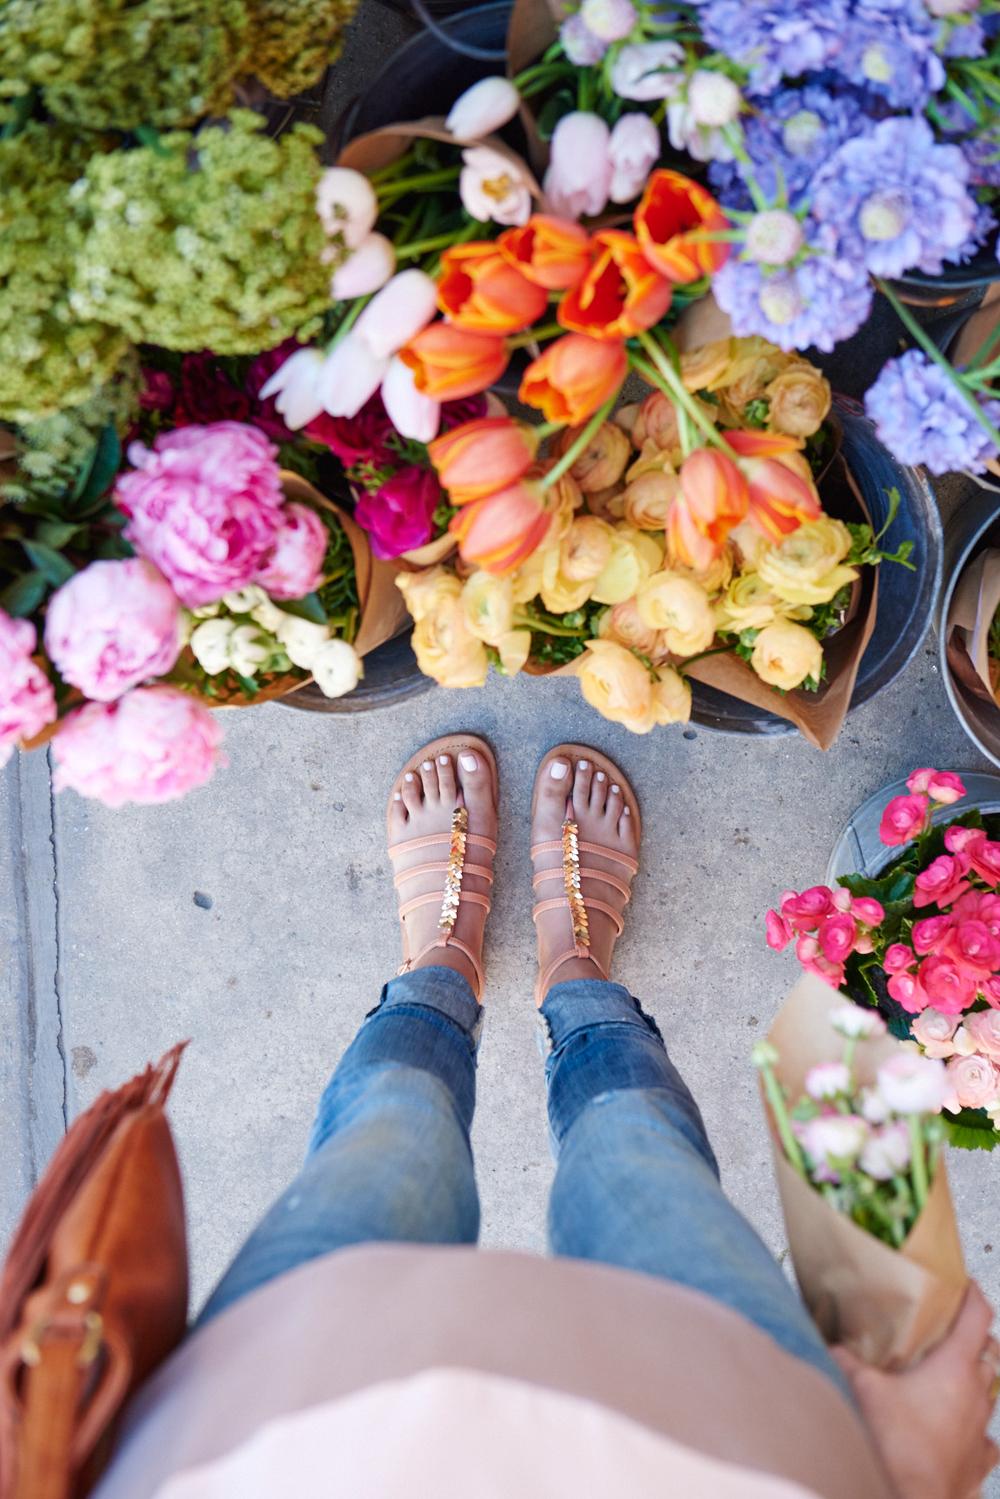 LR-Flower_Market-09201.jpg